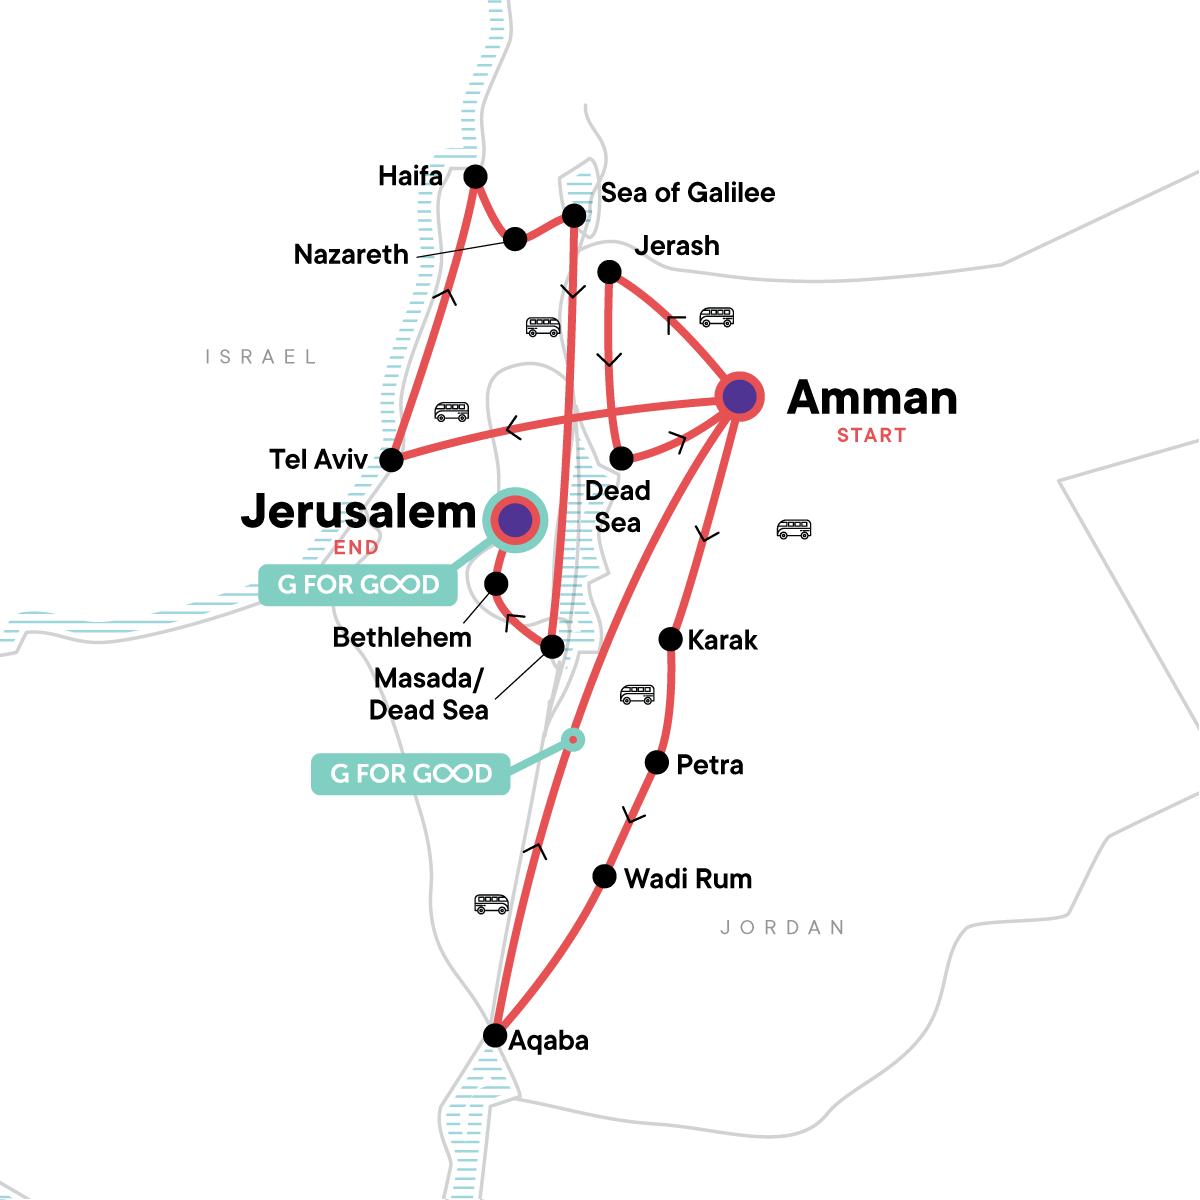 Jordan and Israel Adventure Map